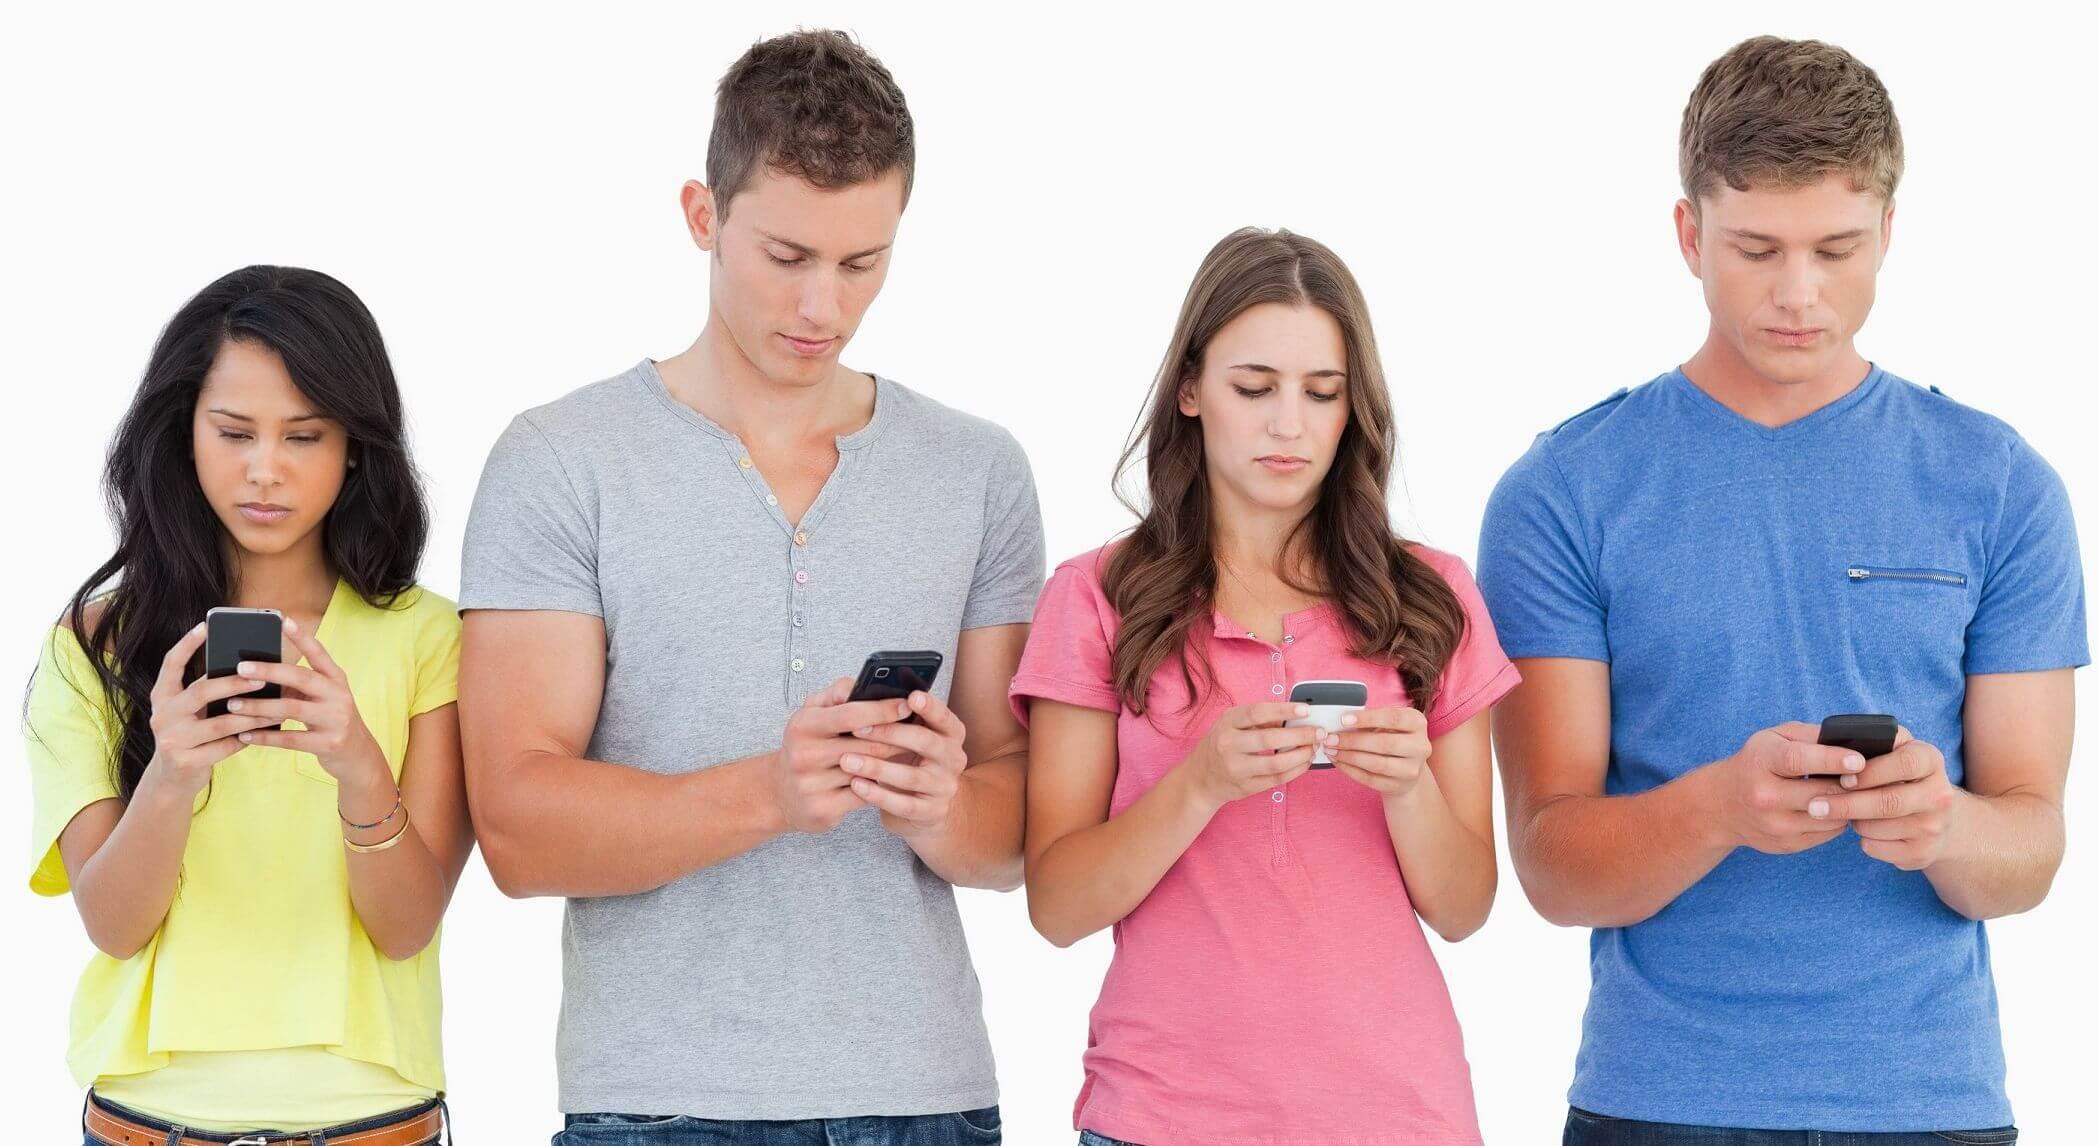 Какая нация сильнее всех остальных зависит от смартфонов?